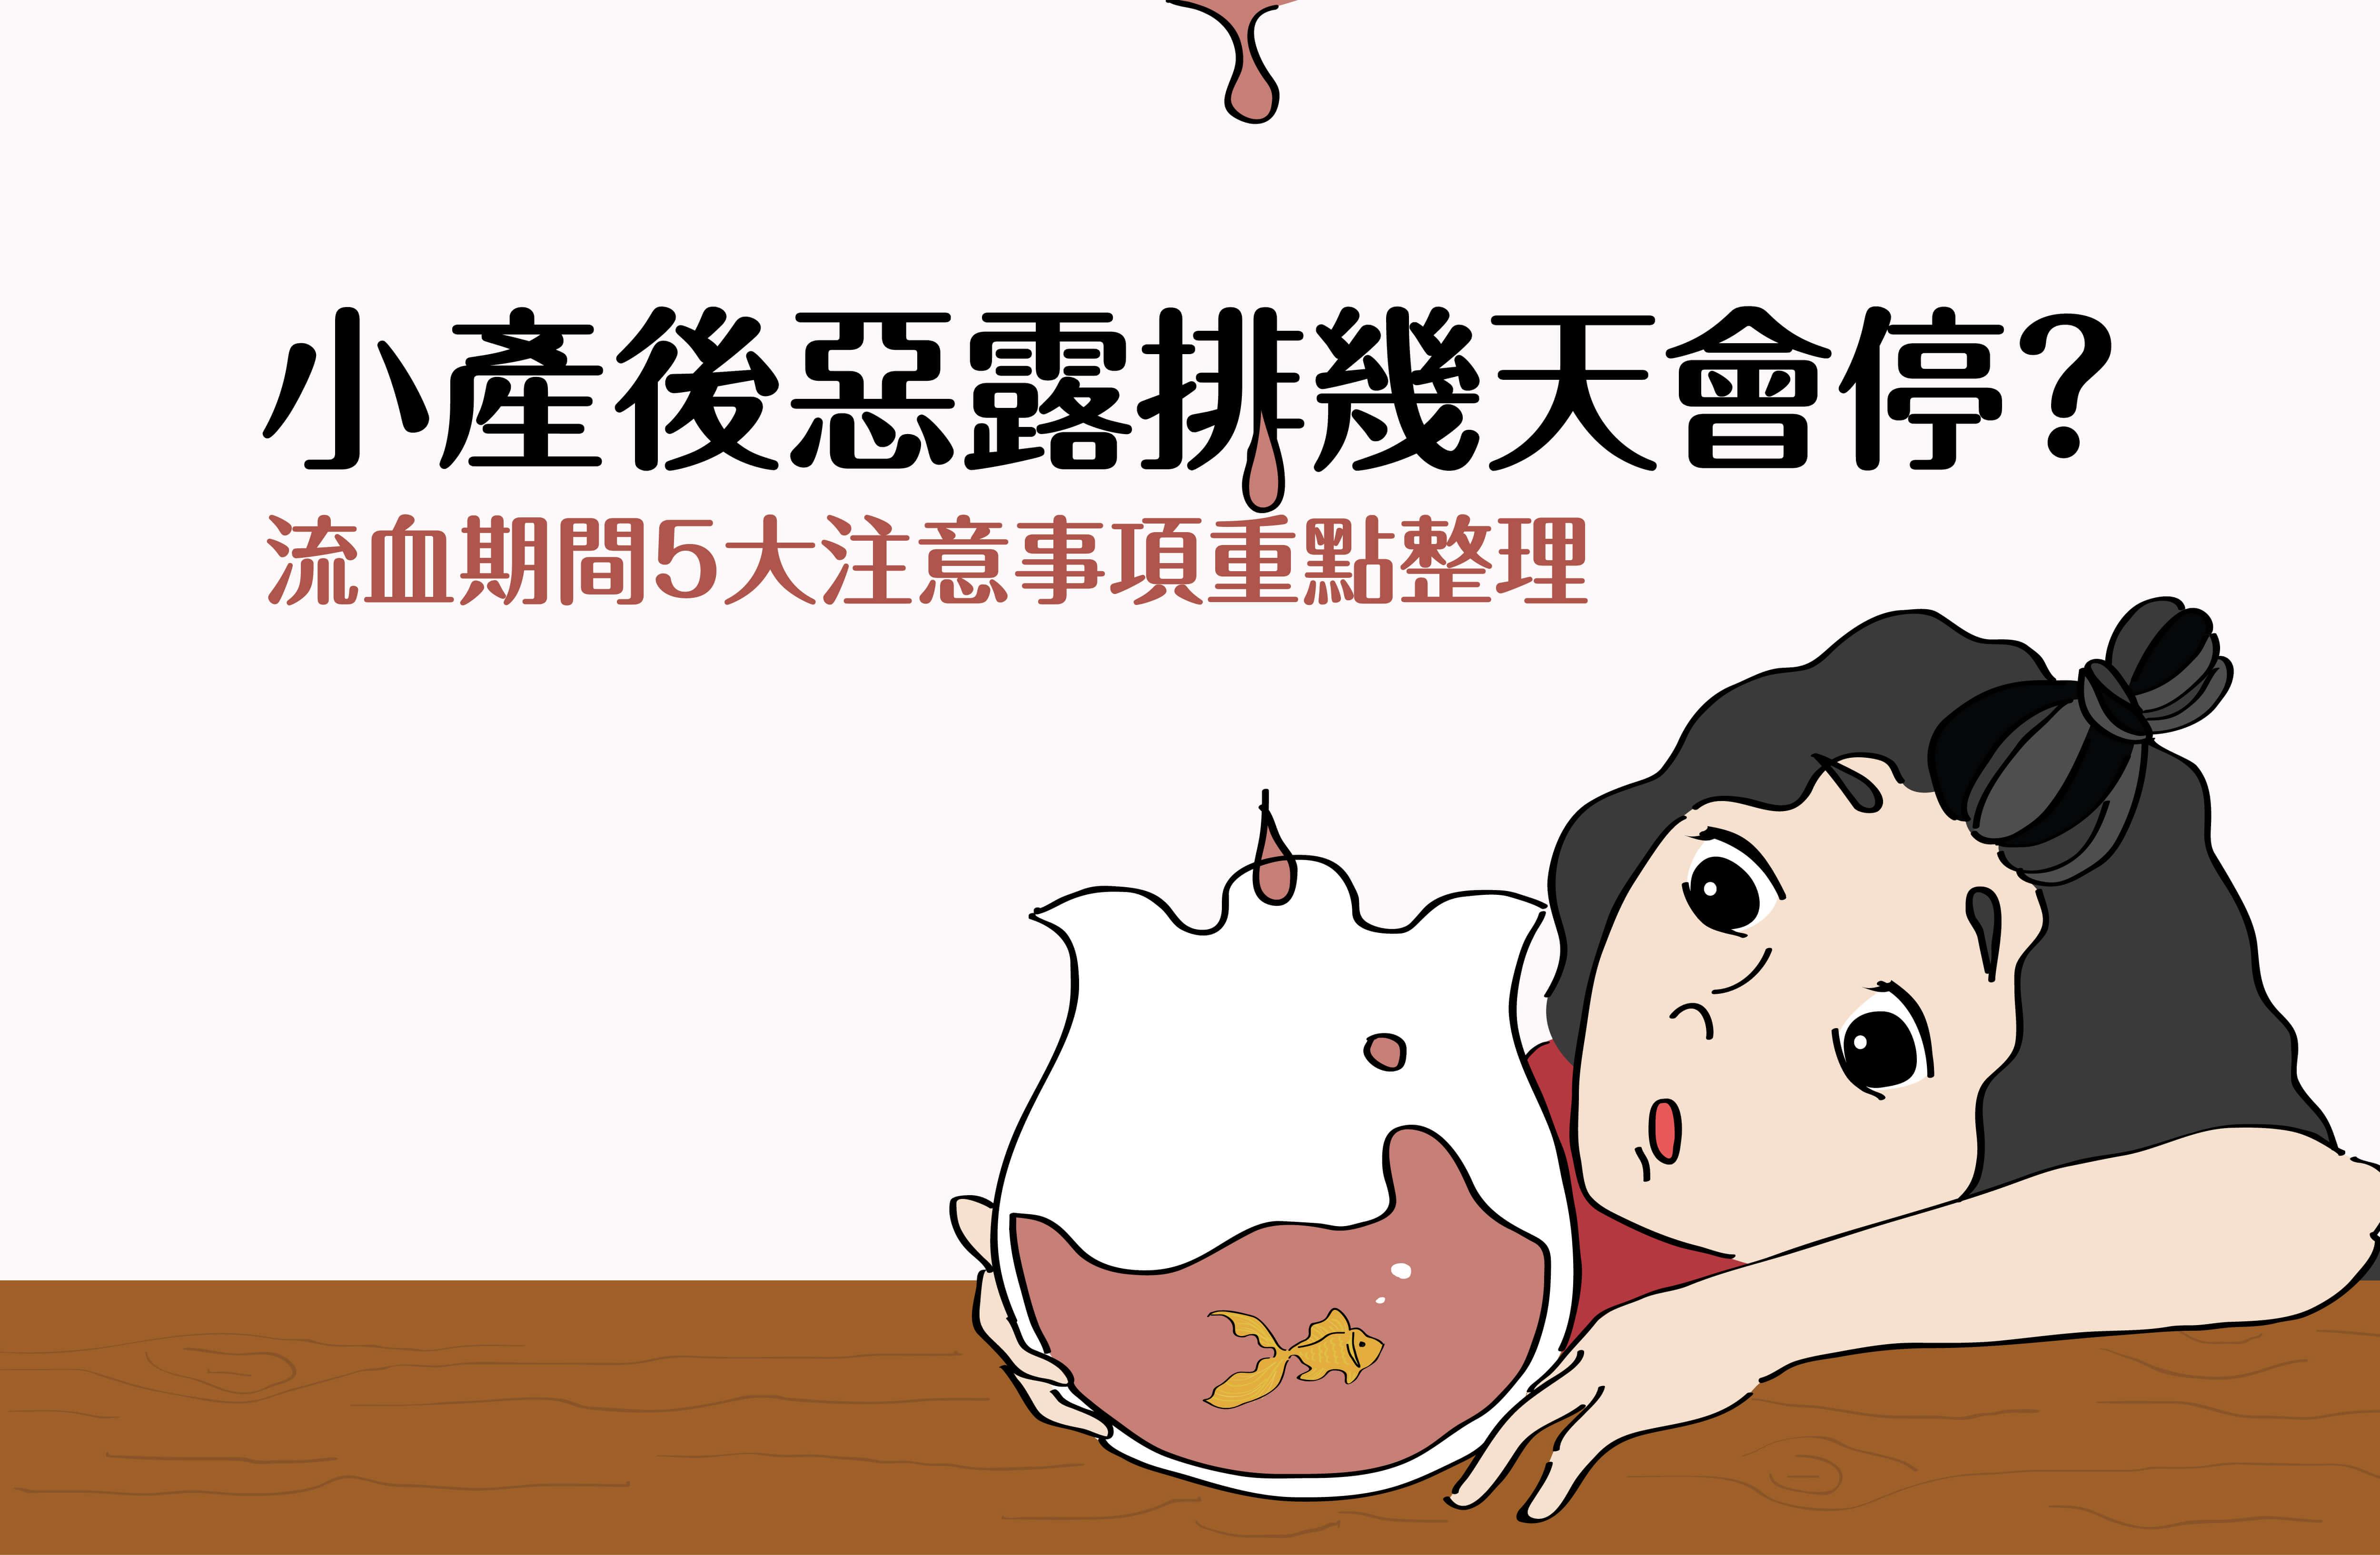 小產後惡露排幾天會停?流血期間應該注意哪些事情呢?